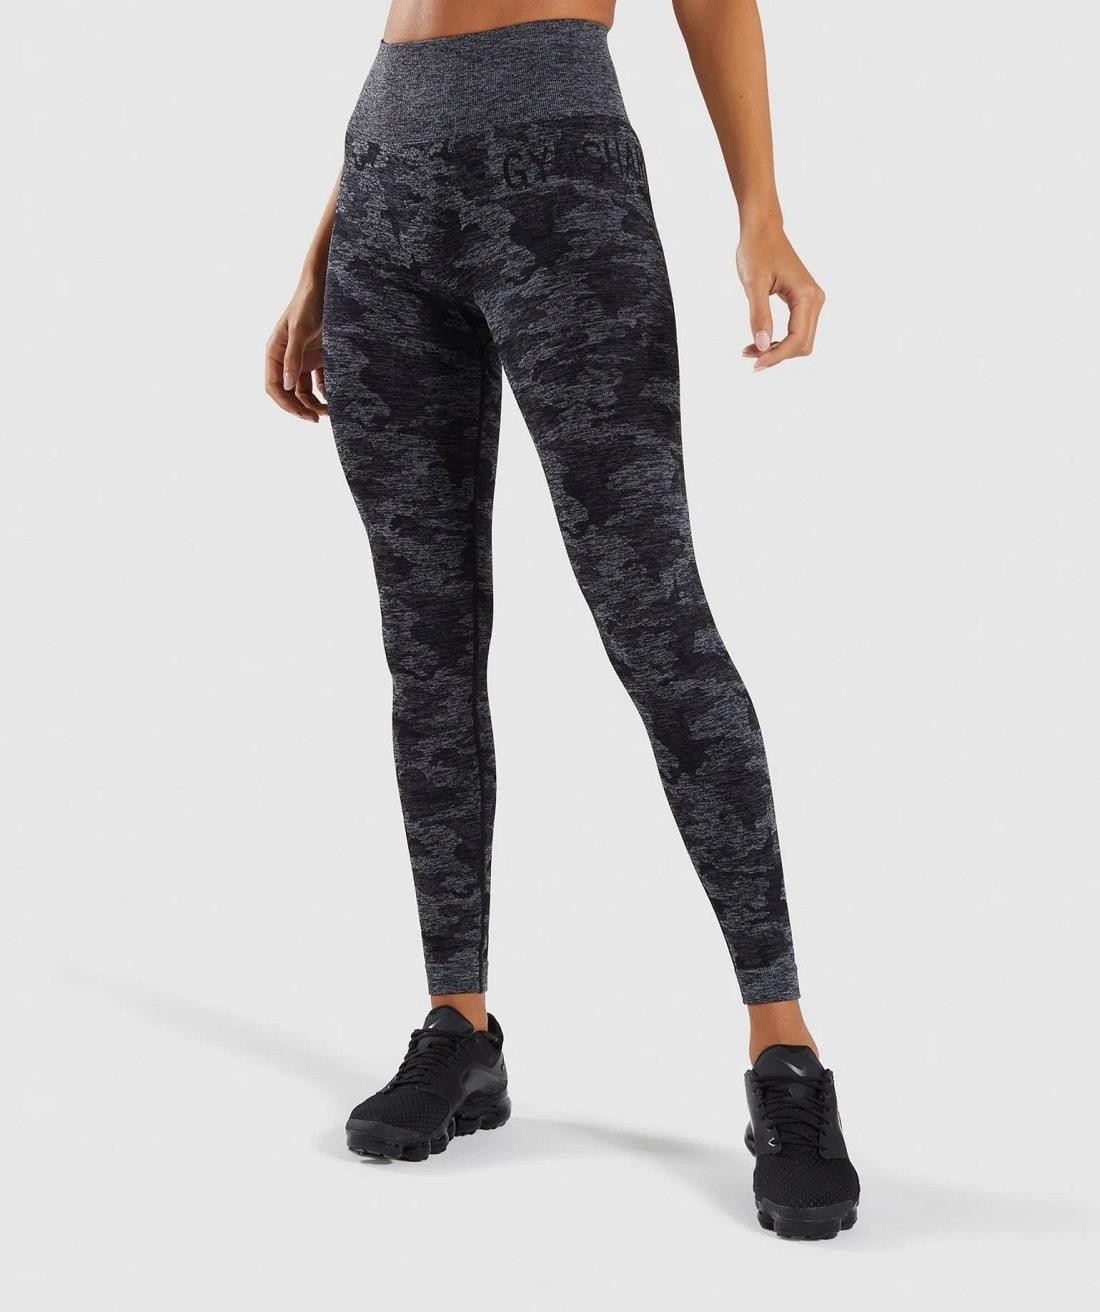 Best Overall Gymshark Leggings